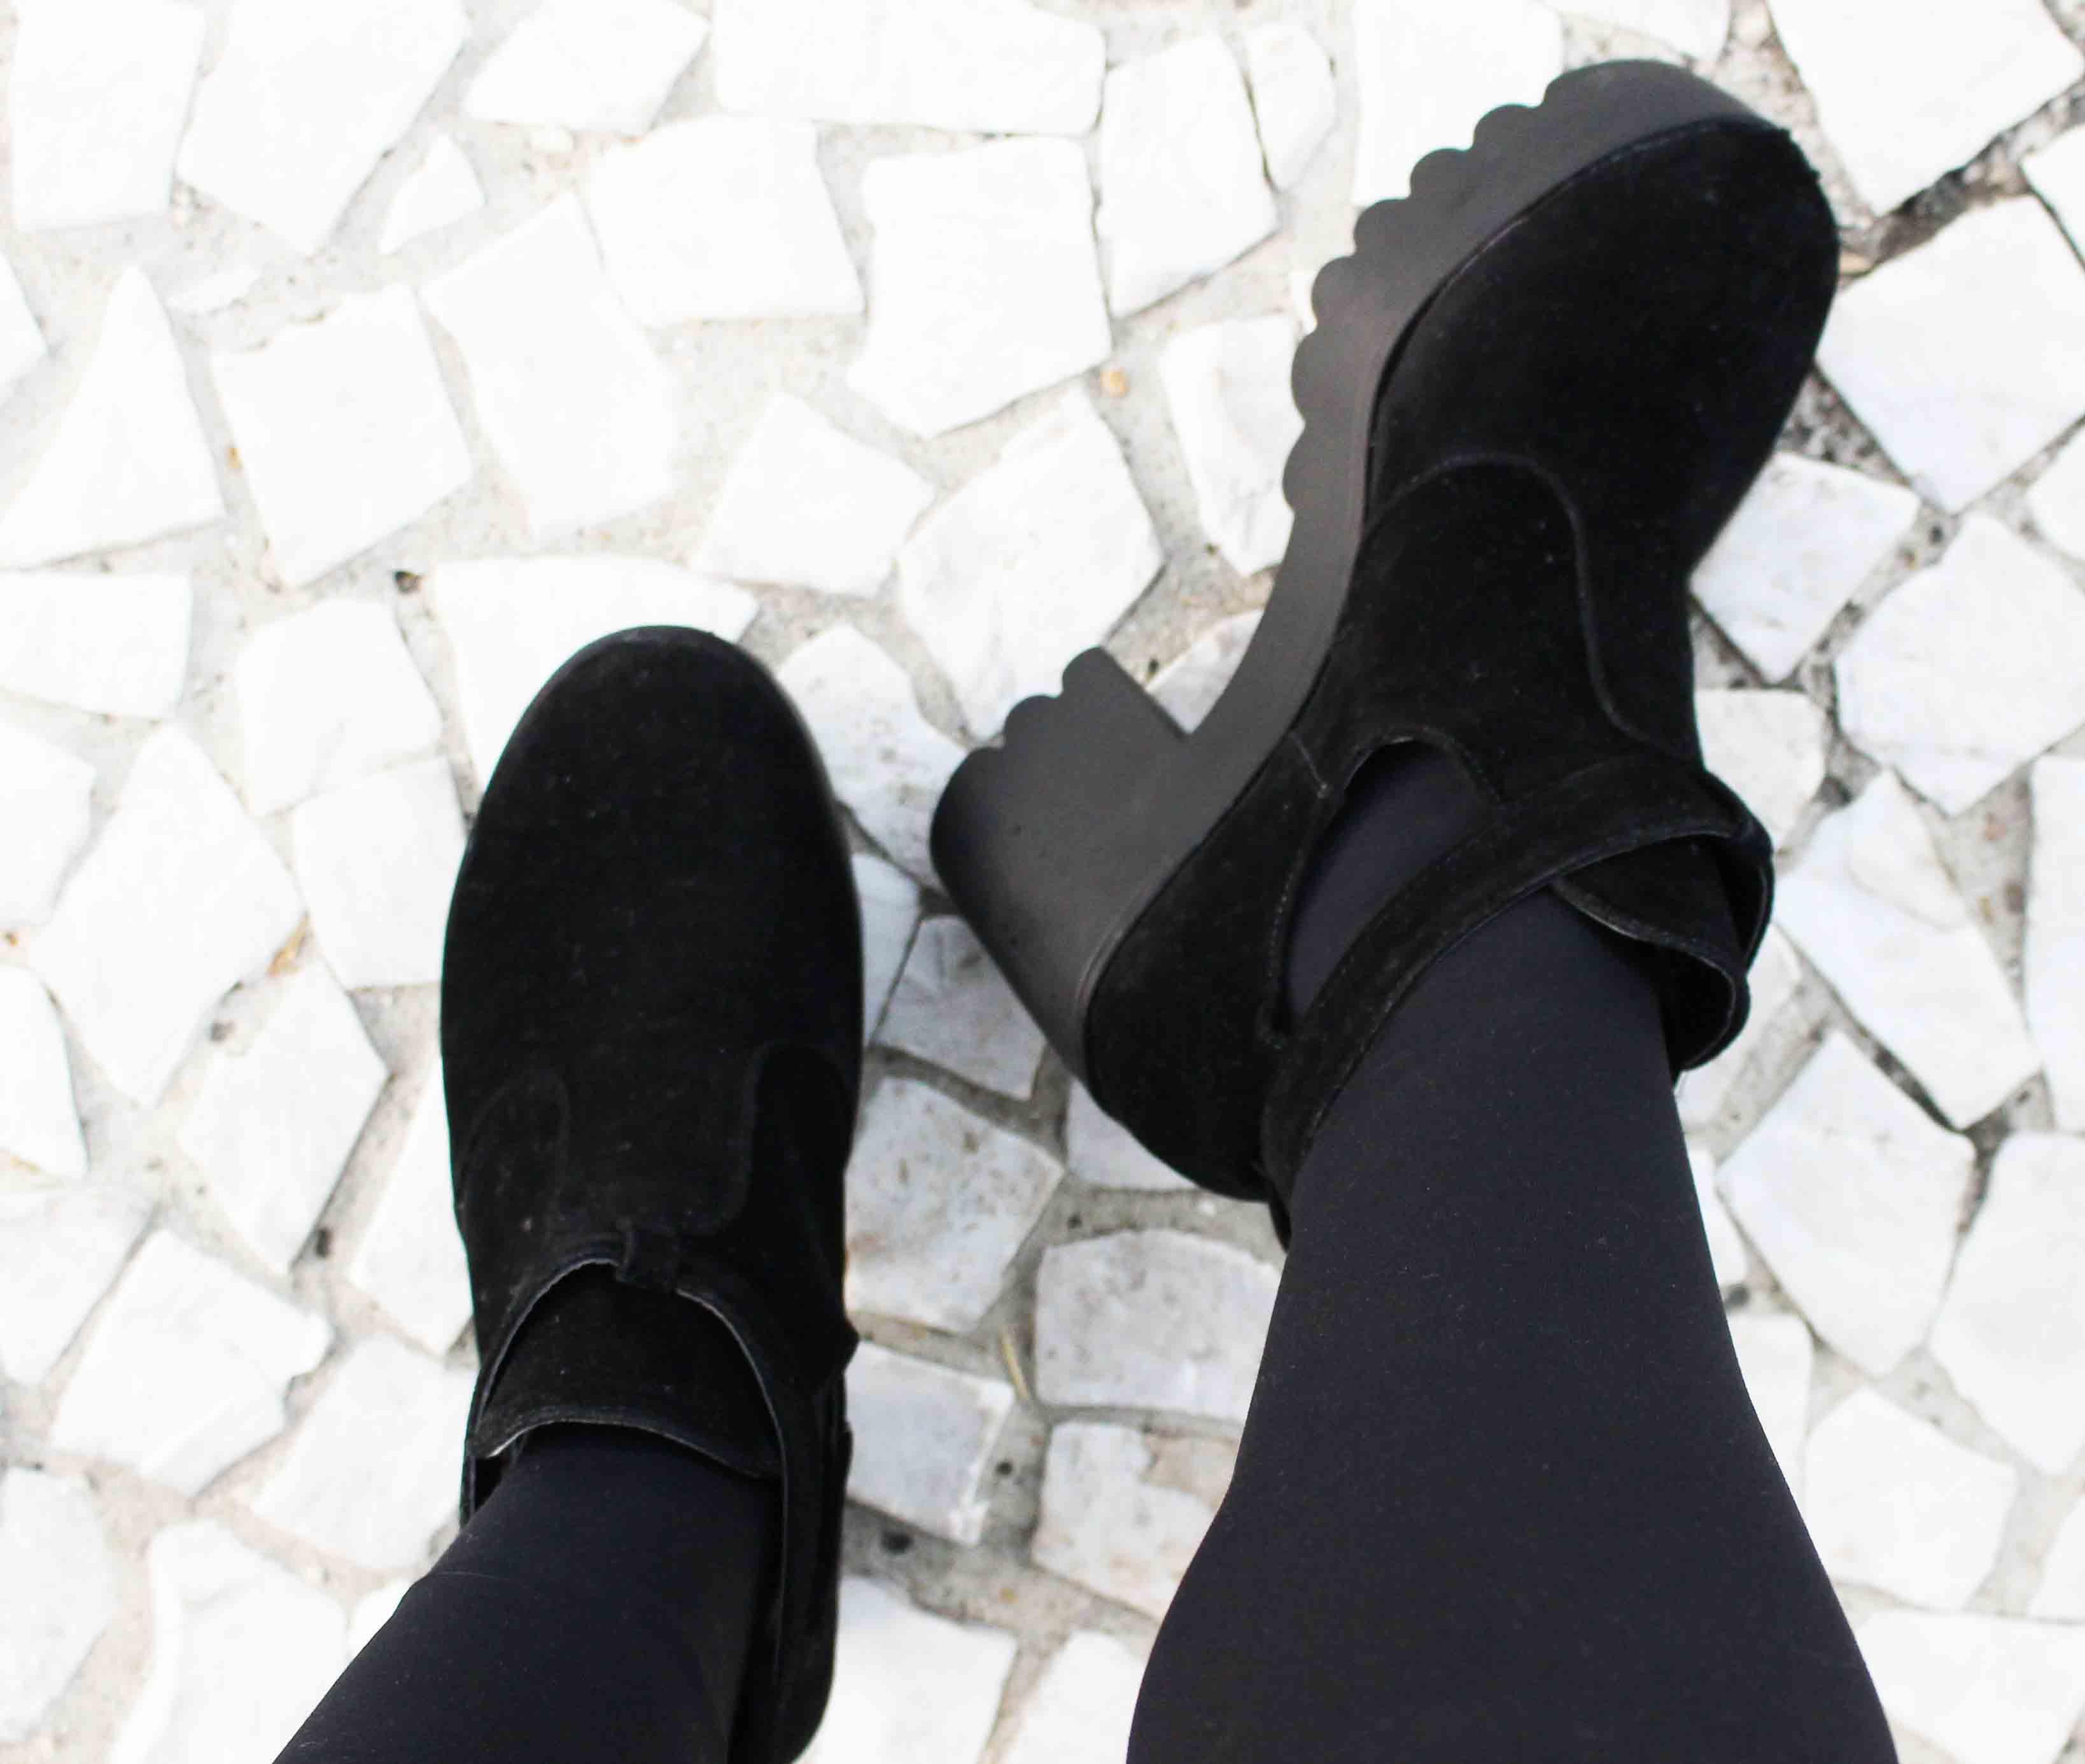 Sapato sola tratorada2 Ma Nagamini